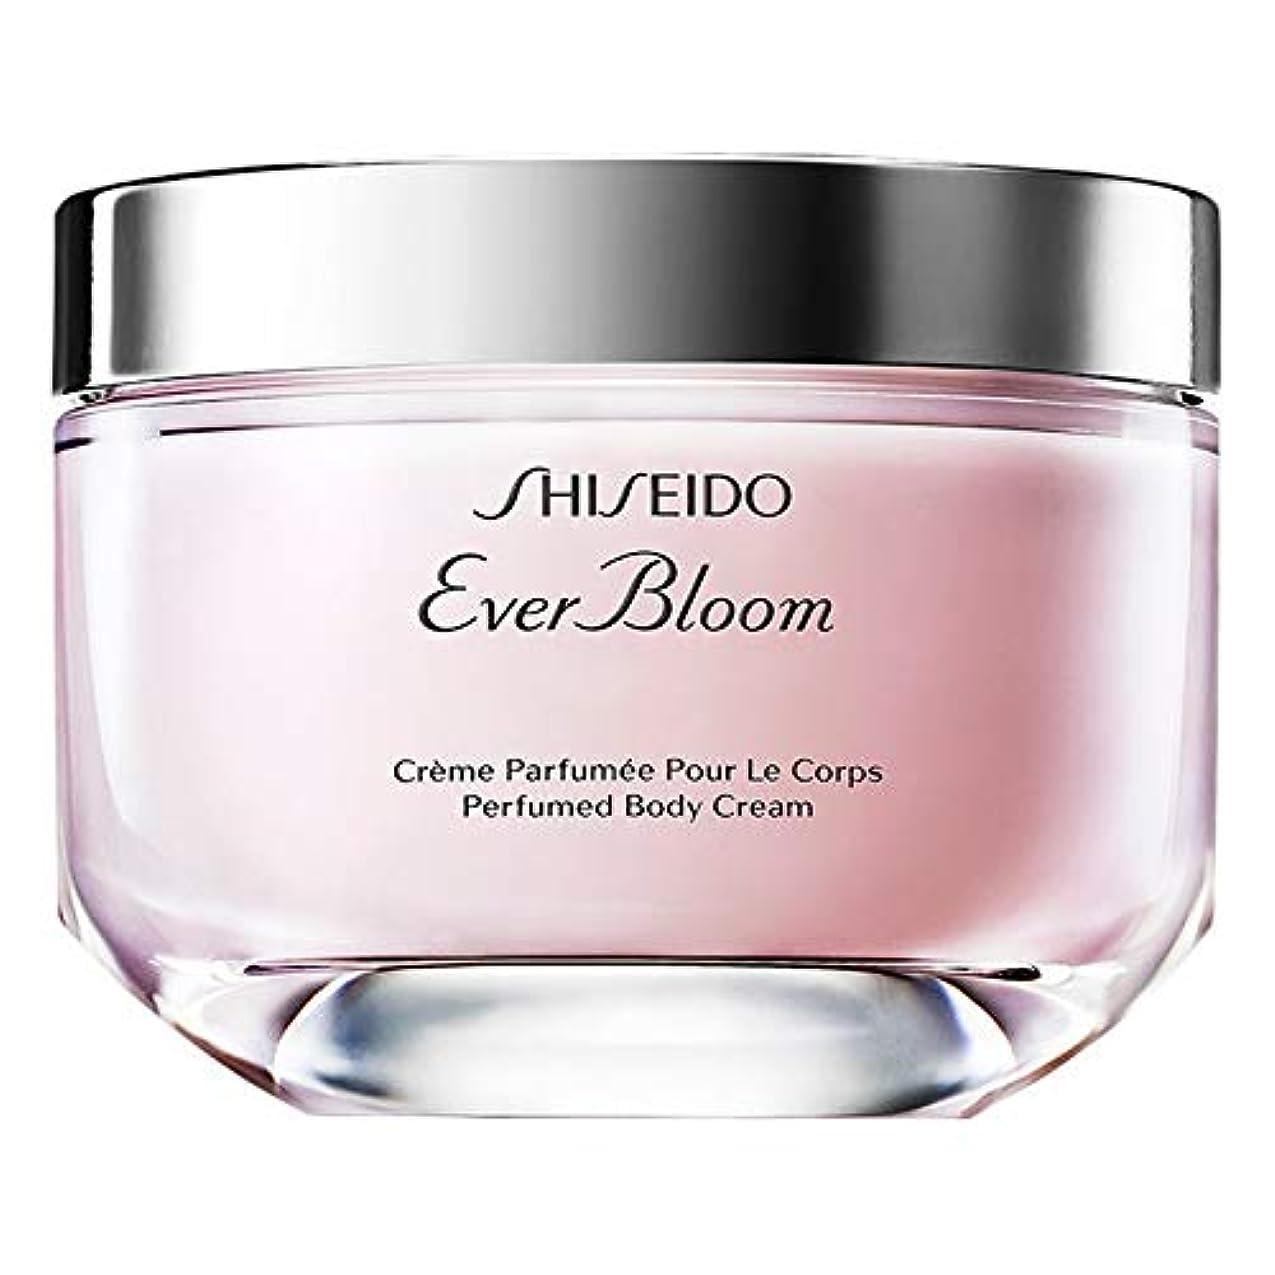 ロボット条件付きパーク[Shiseido] 資生堂は、これまで香りのボディクリーム200ミリリットルを咲かせ - Shiseido Ever Bloom Perfumed Body Cream 200ml [並行輸入品]